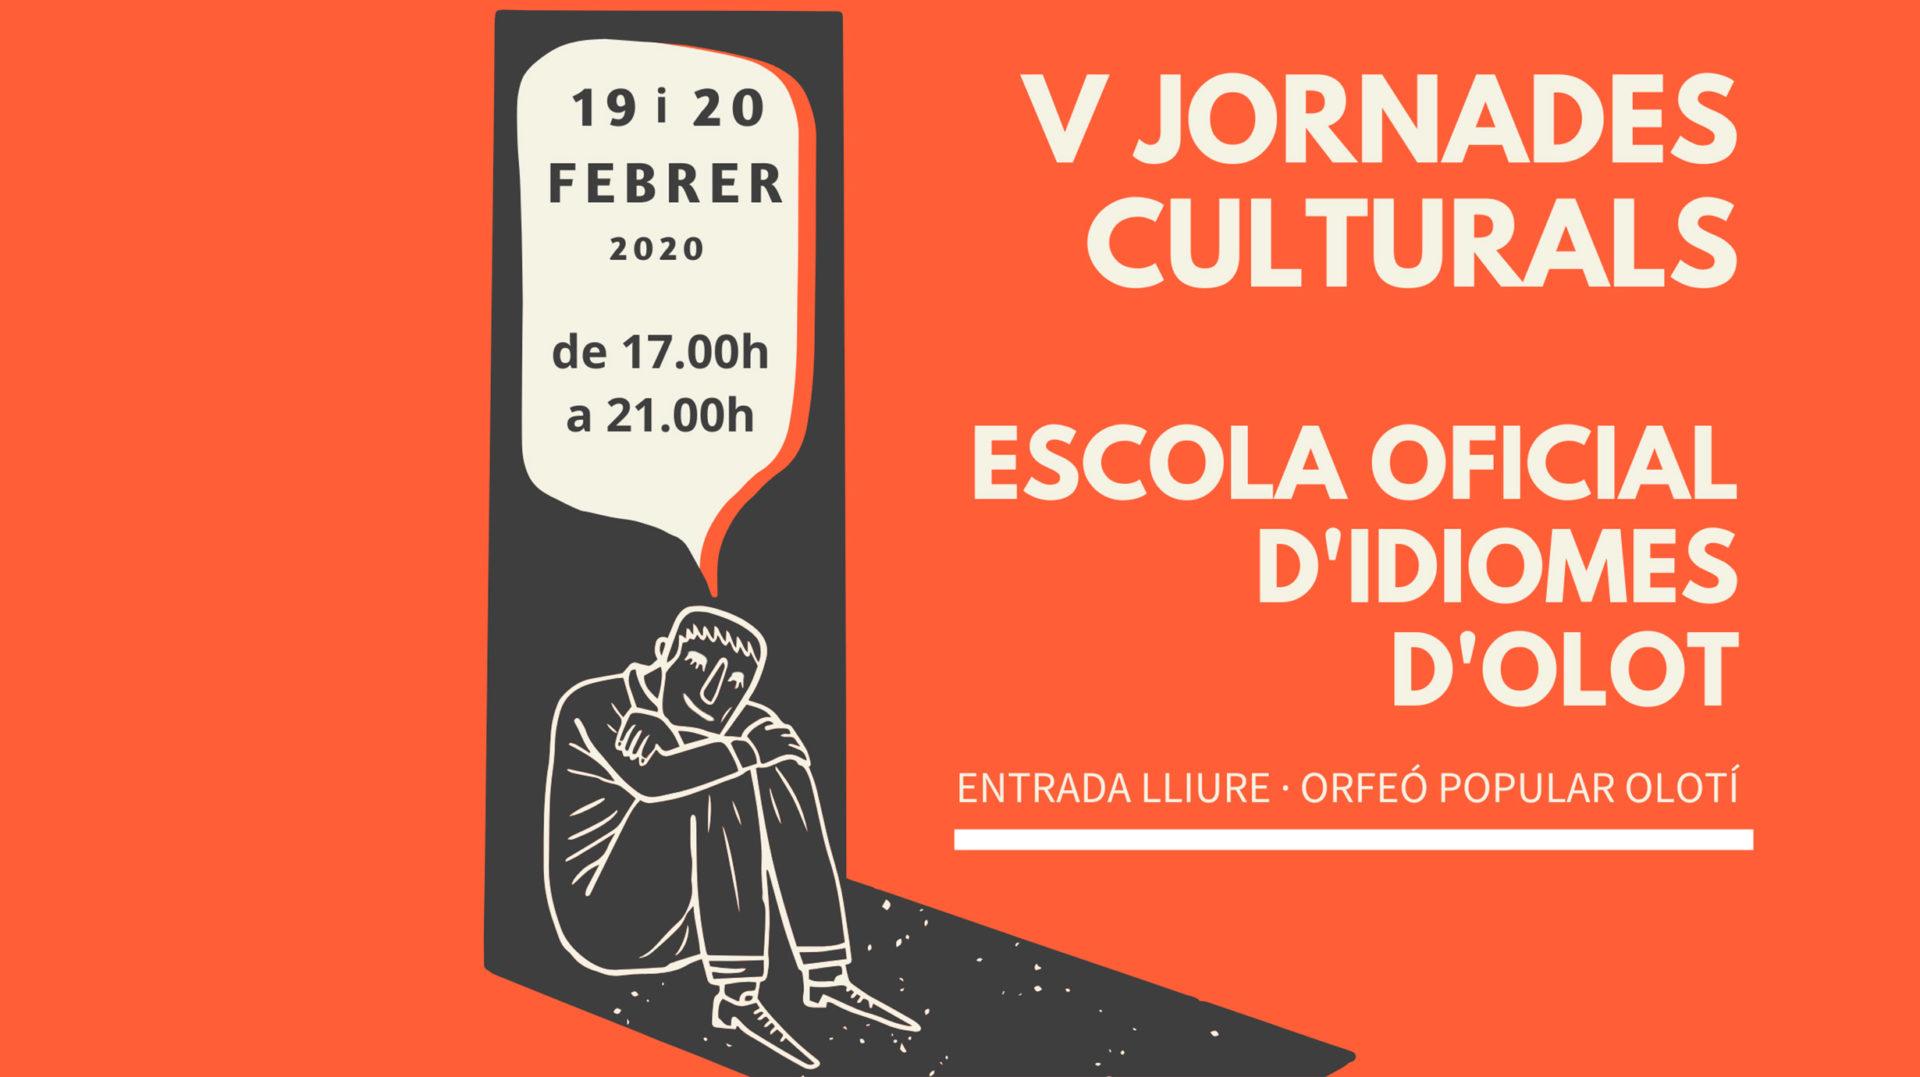 V Jornades Culturals de l'Escola Oficial d'Idiomes